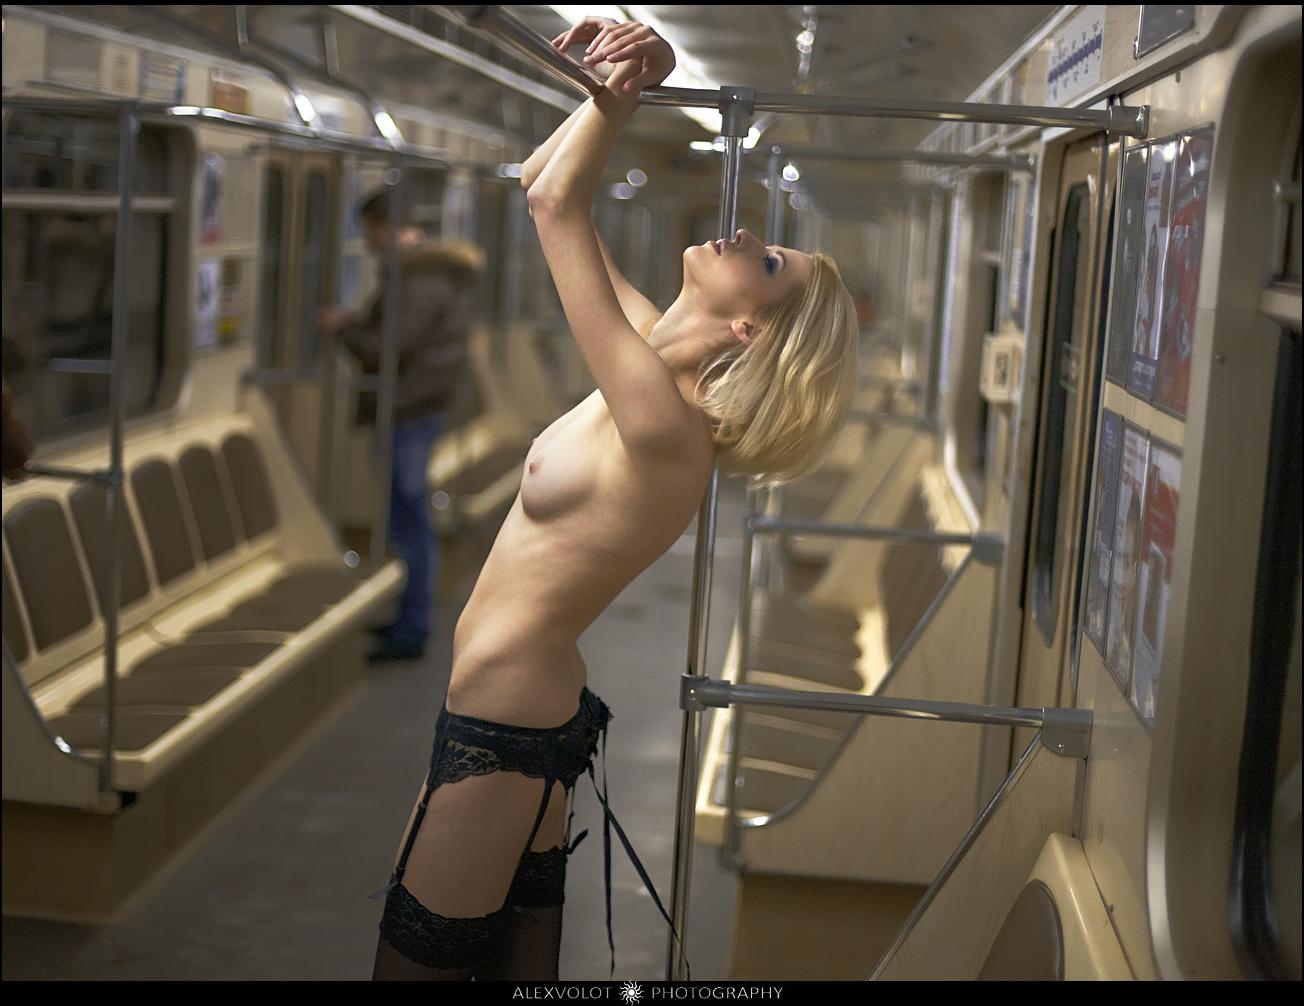 Эротика в метро онлайн 13 фотография